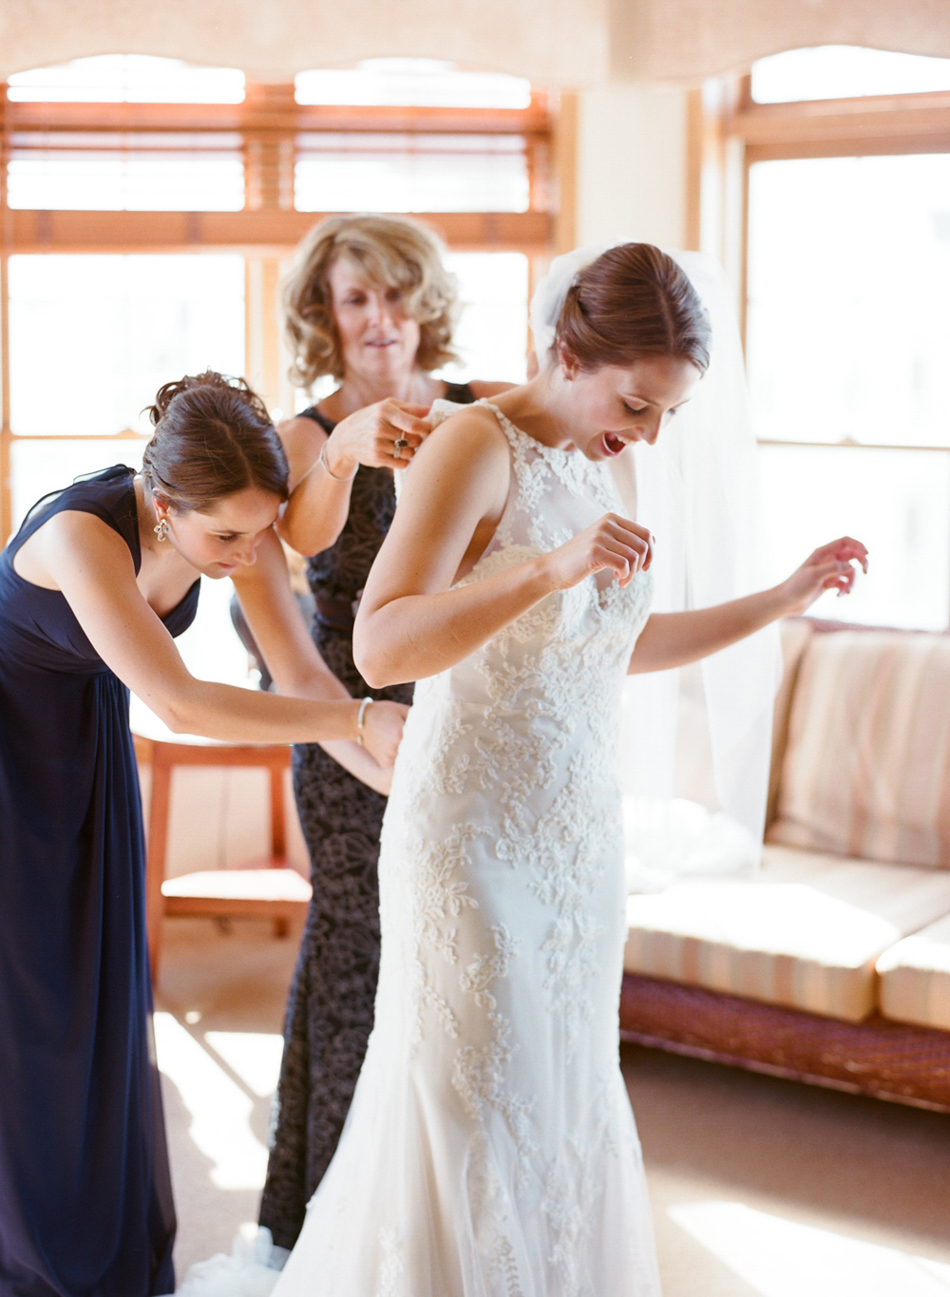 Elkhart_Lake_Wedding_Photographer_003.jpg